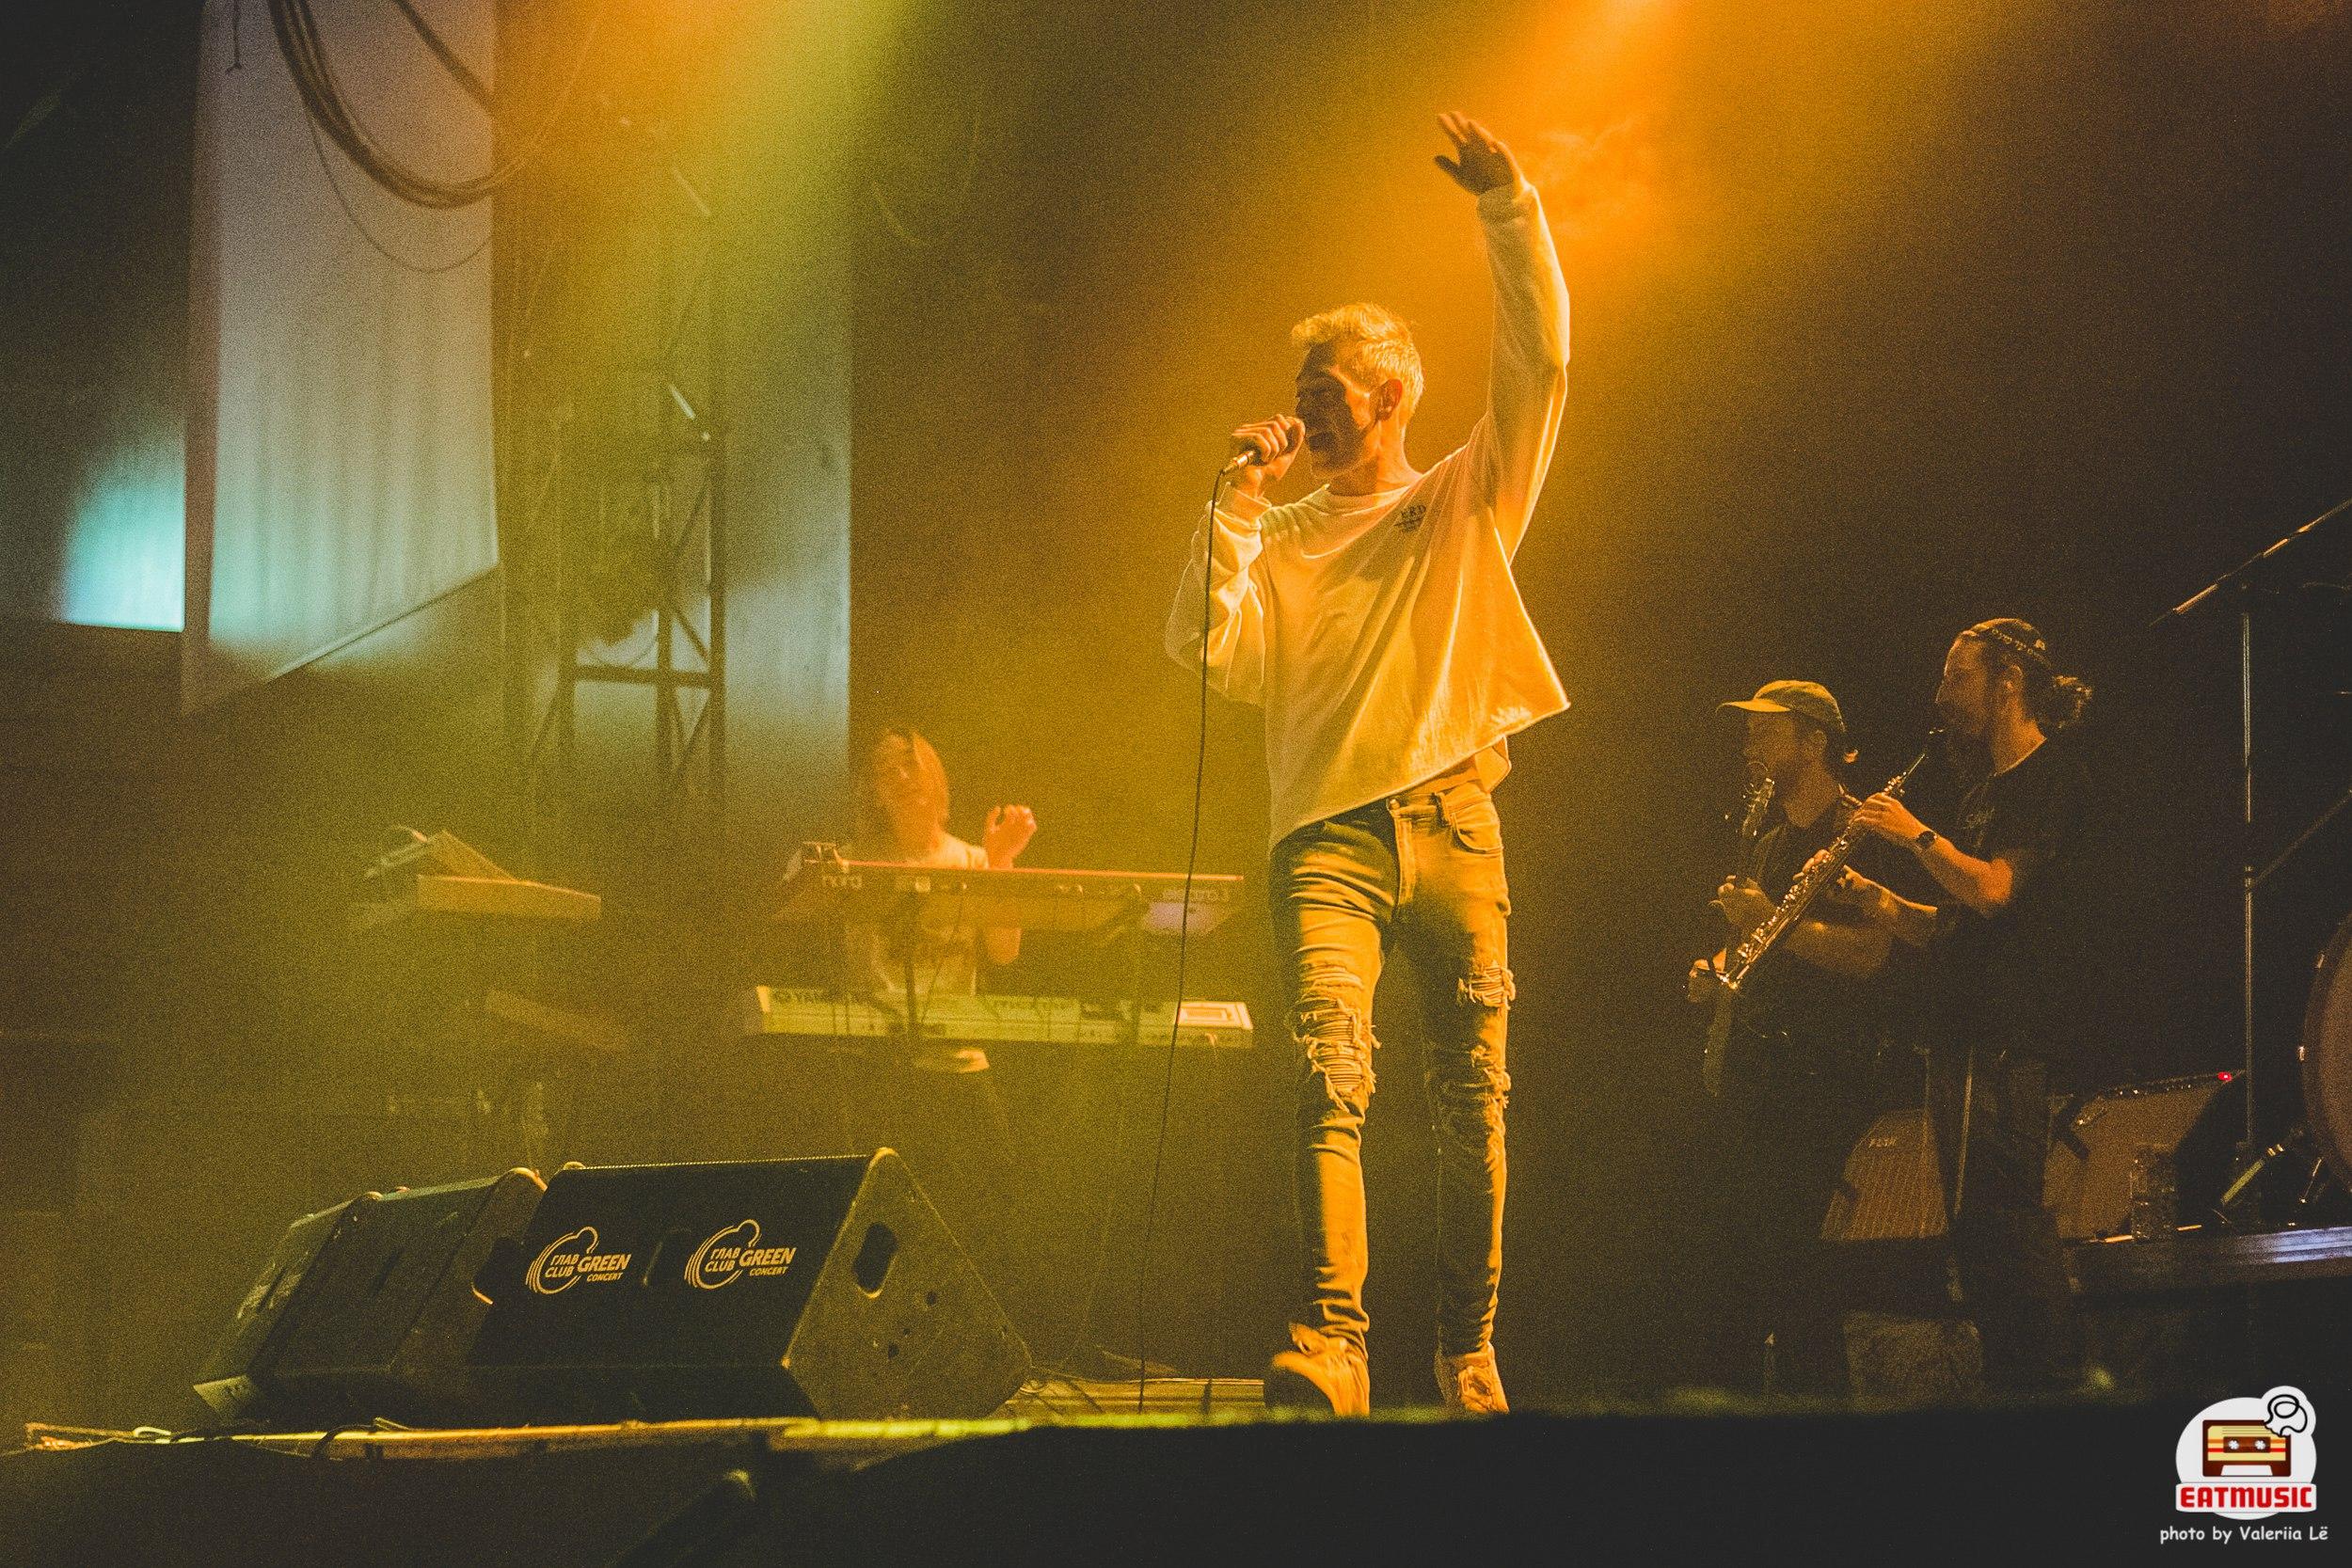 Концерт Matisyahu в Москве 13-09-2017: репортаж, фото Валерия Литвак